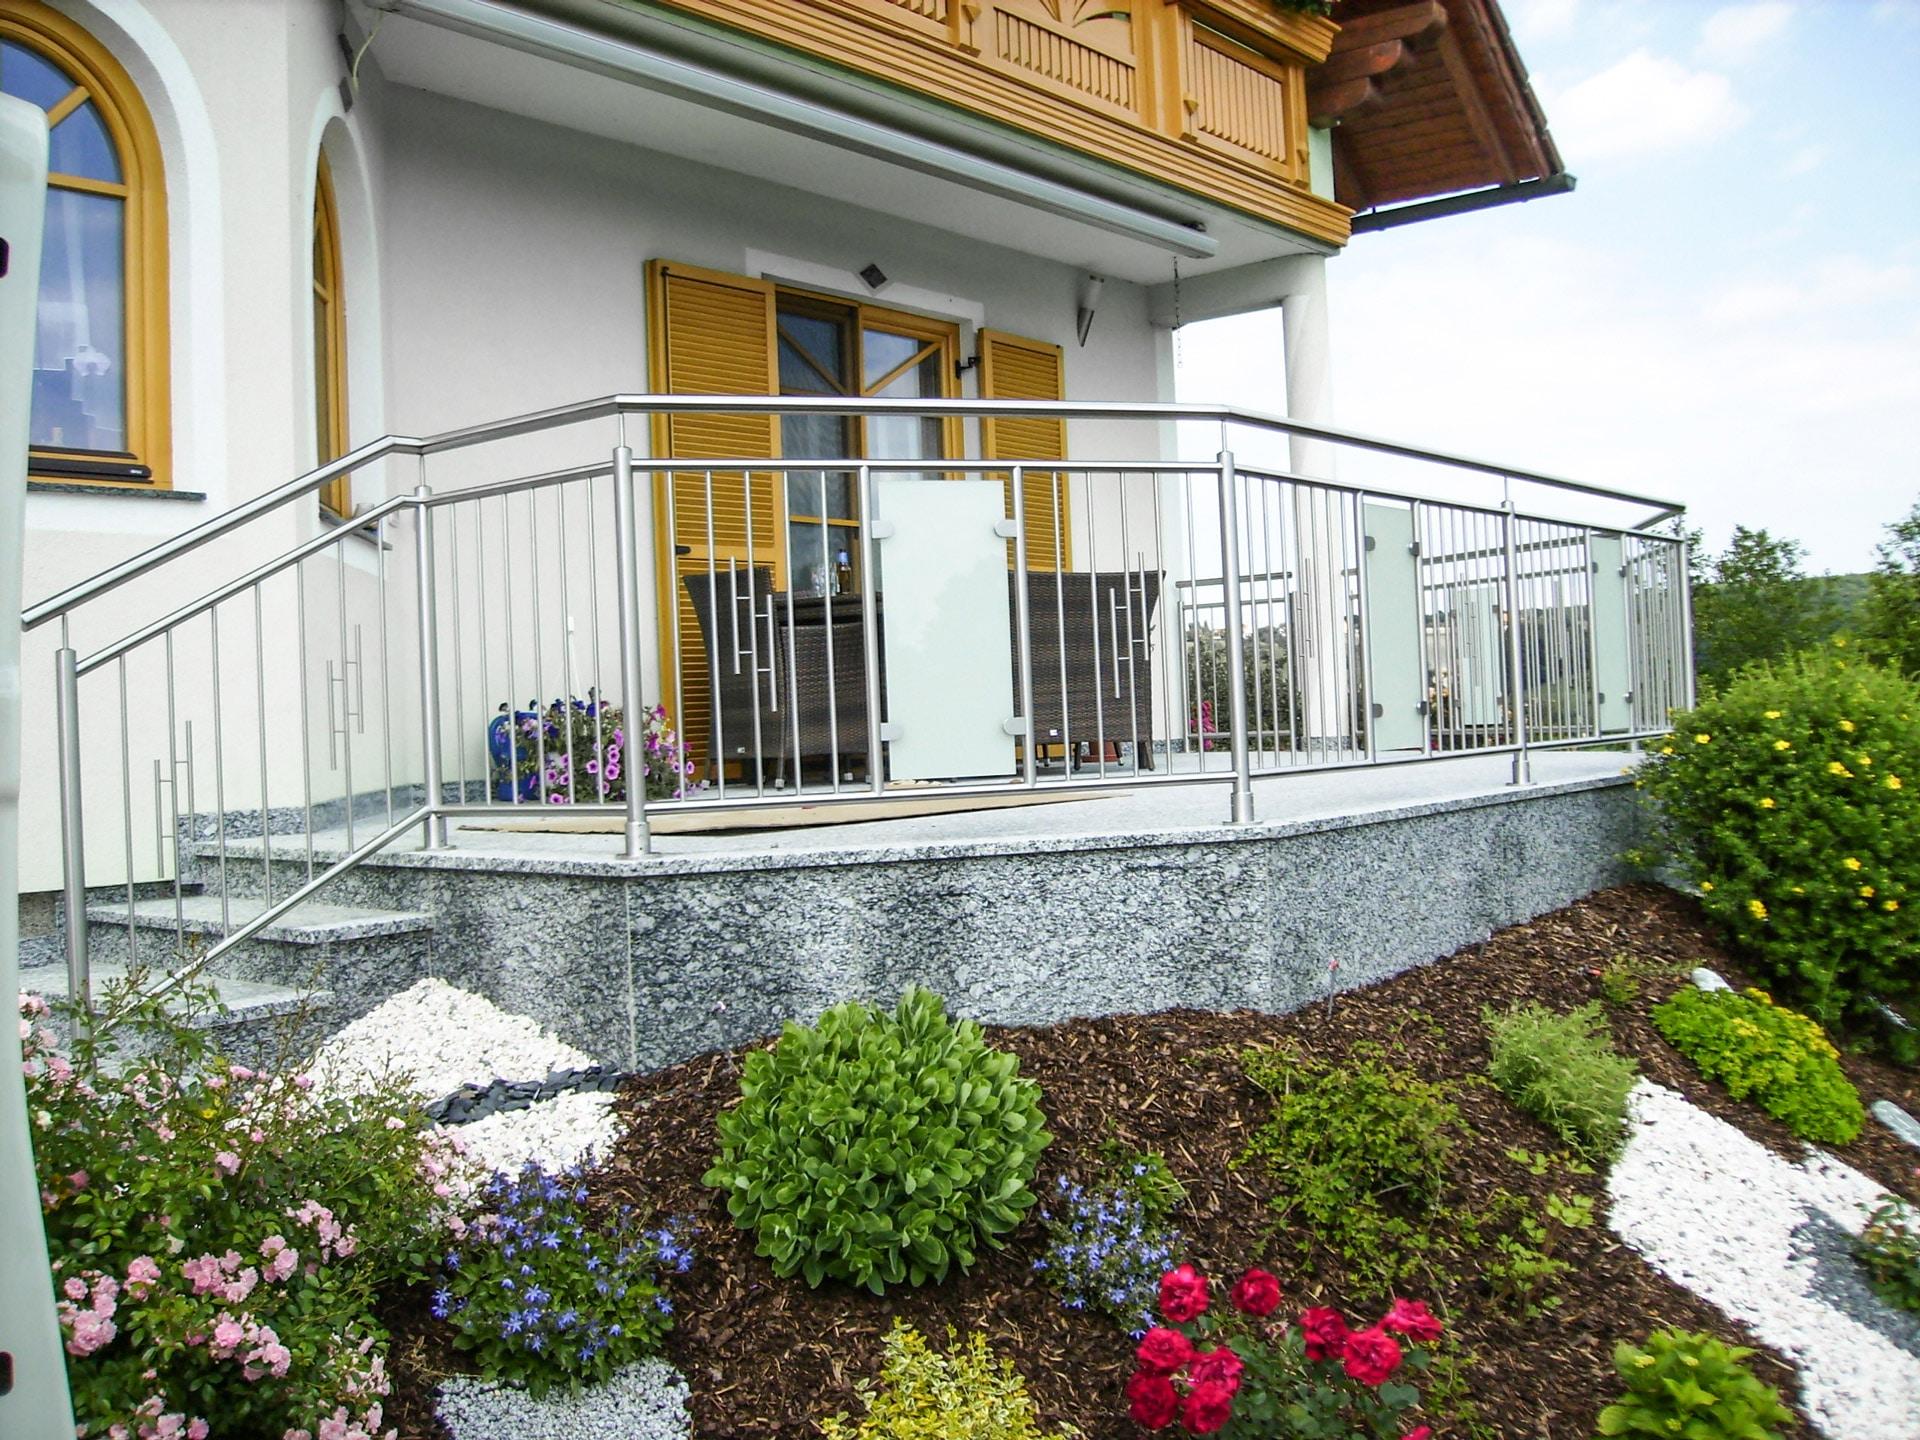 Nürnberg 06 a | Geländer bei Terrasse aus Nirosprossen mit Mattglas-Scheibe in Feldmitte | Svoboda